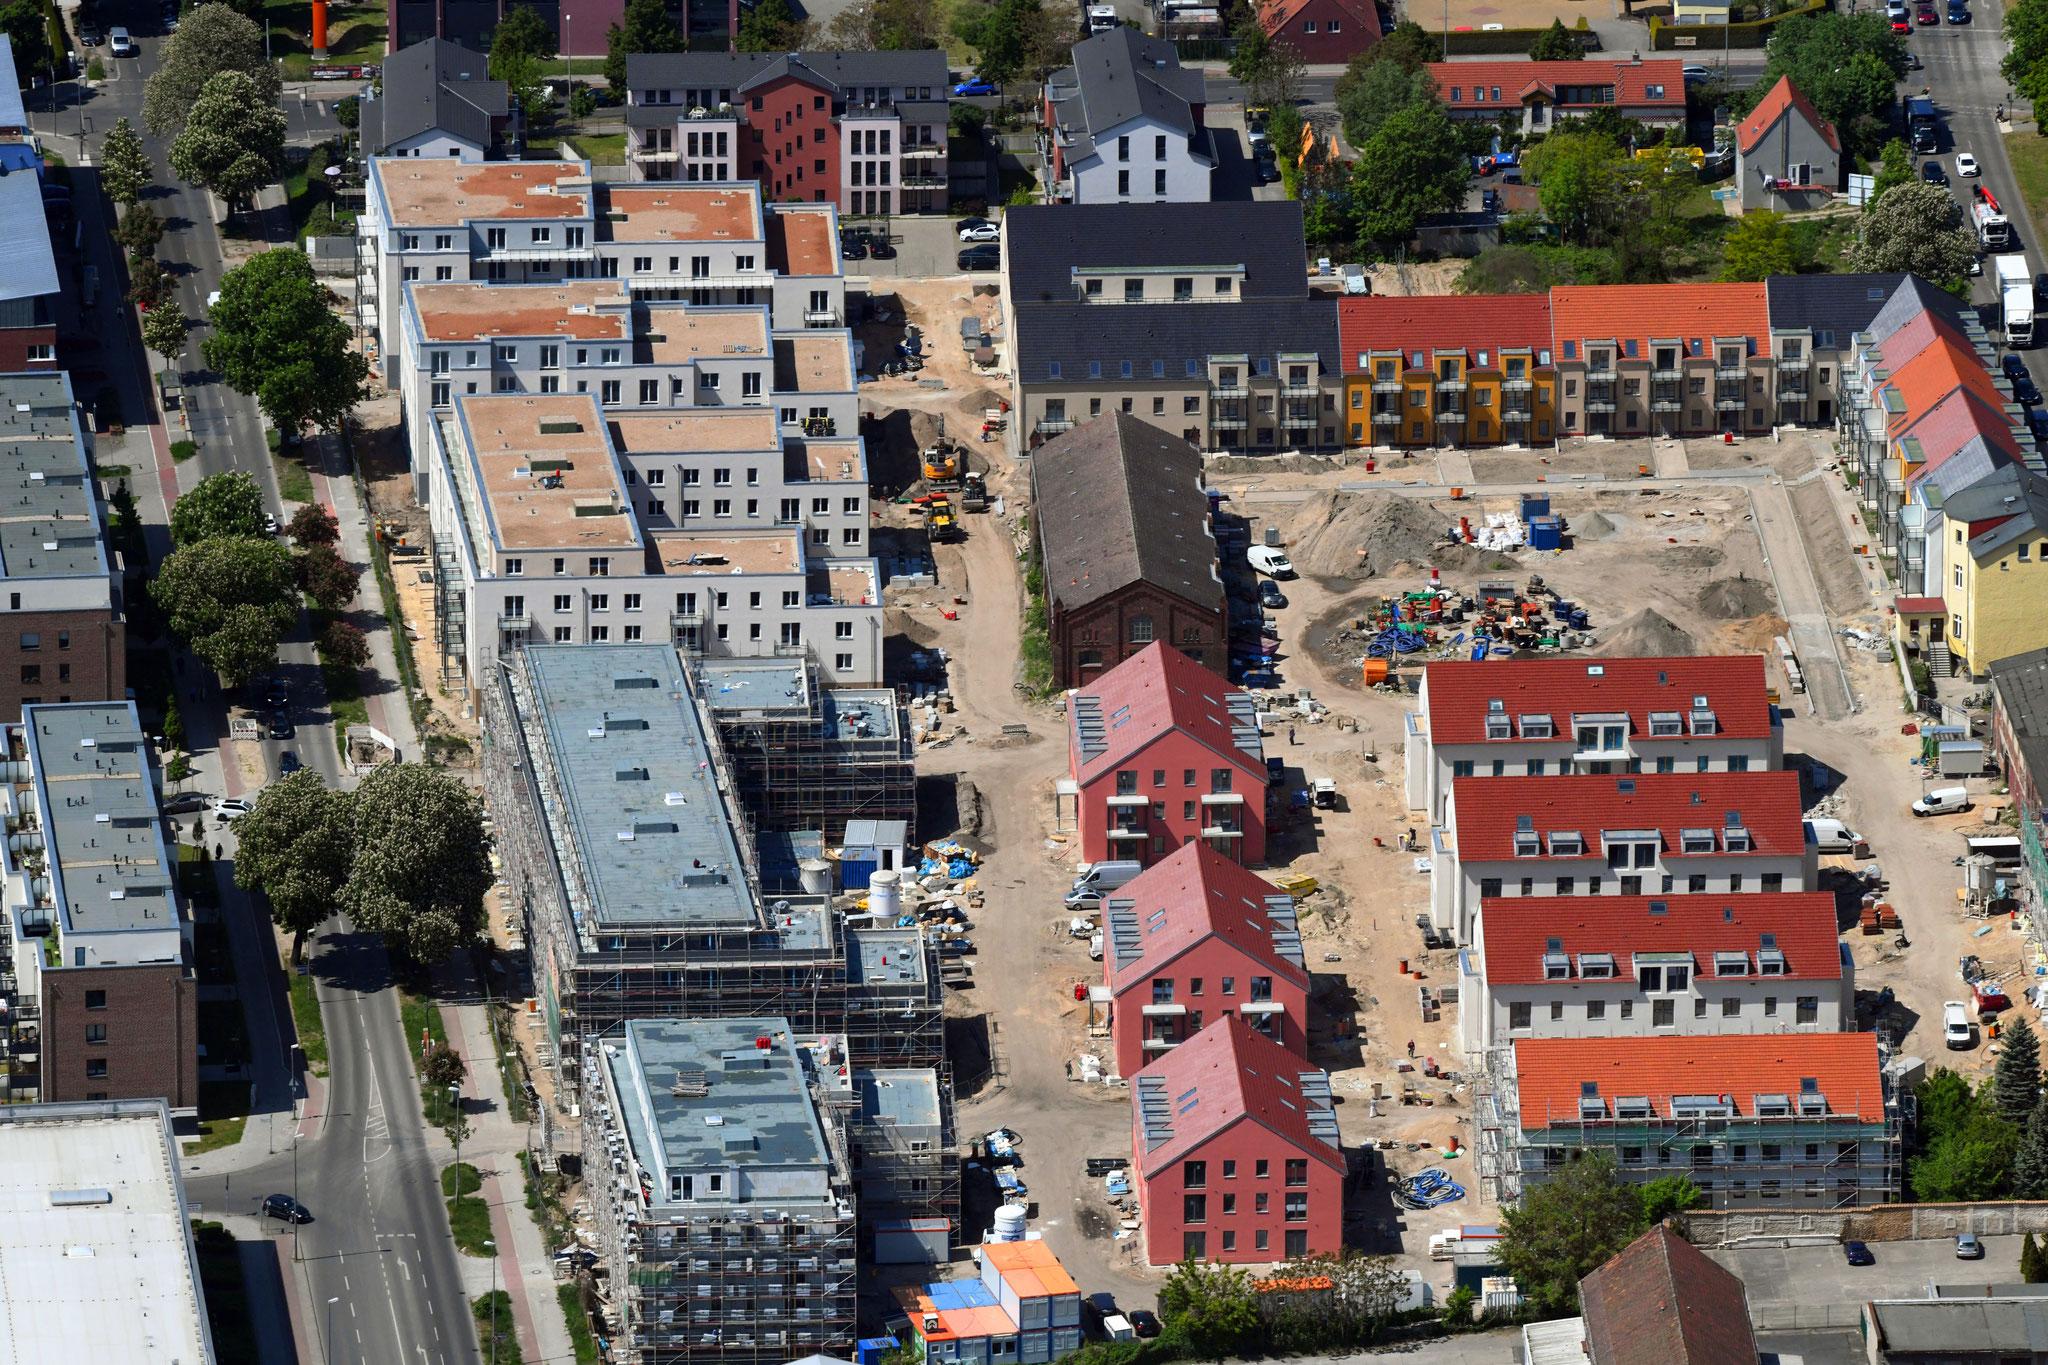 Das Bauvorhaben auf dem Gut Alt Biesdorf ist schon weit vorangeschritten. © Euroluftbild